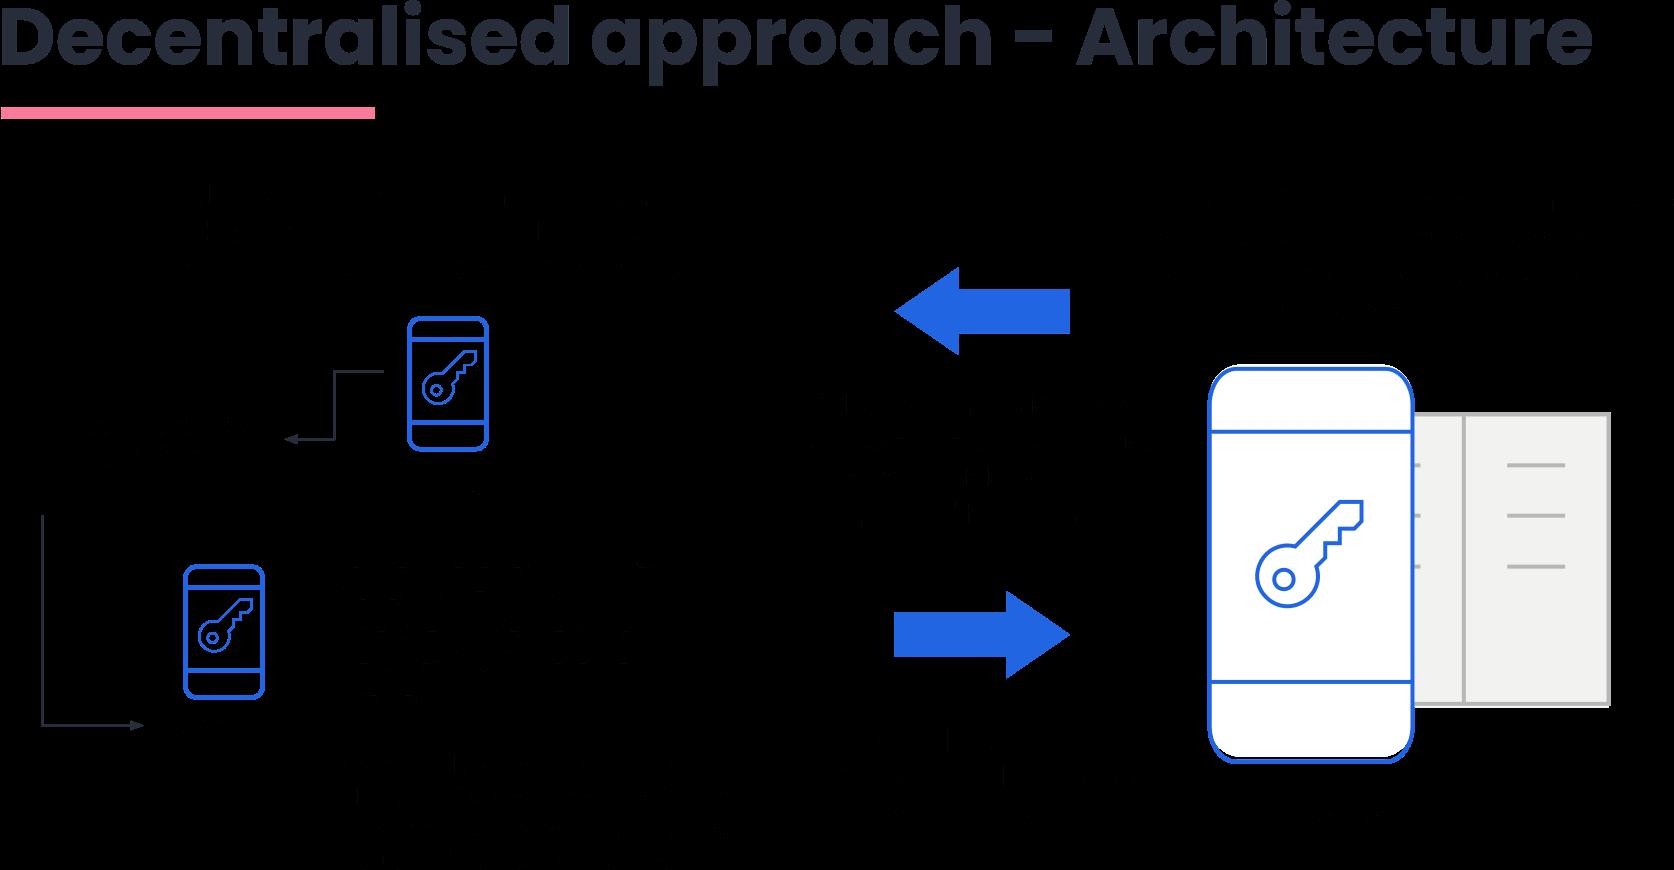 Covid App Architecture